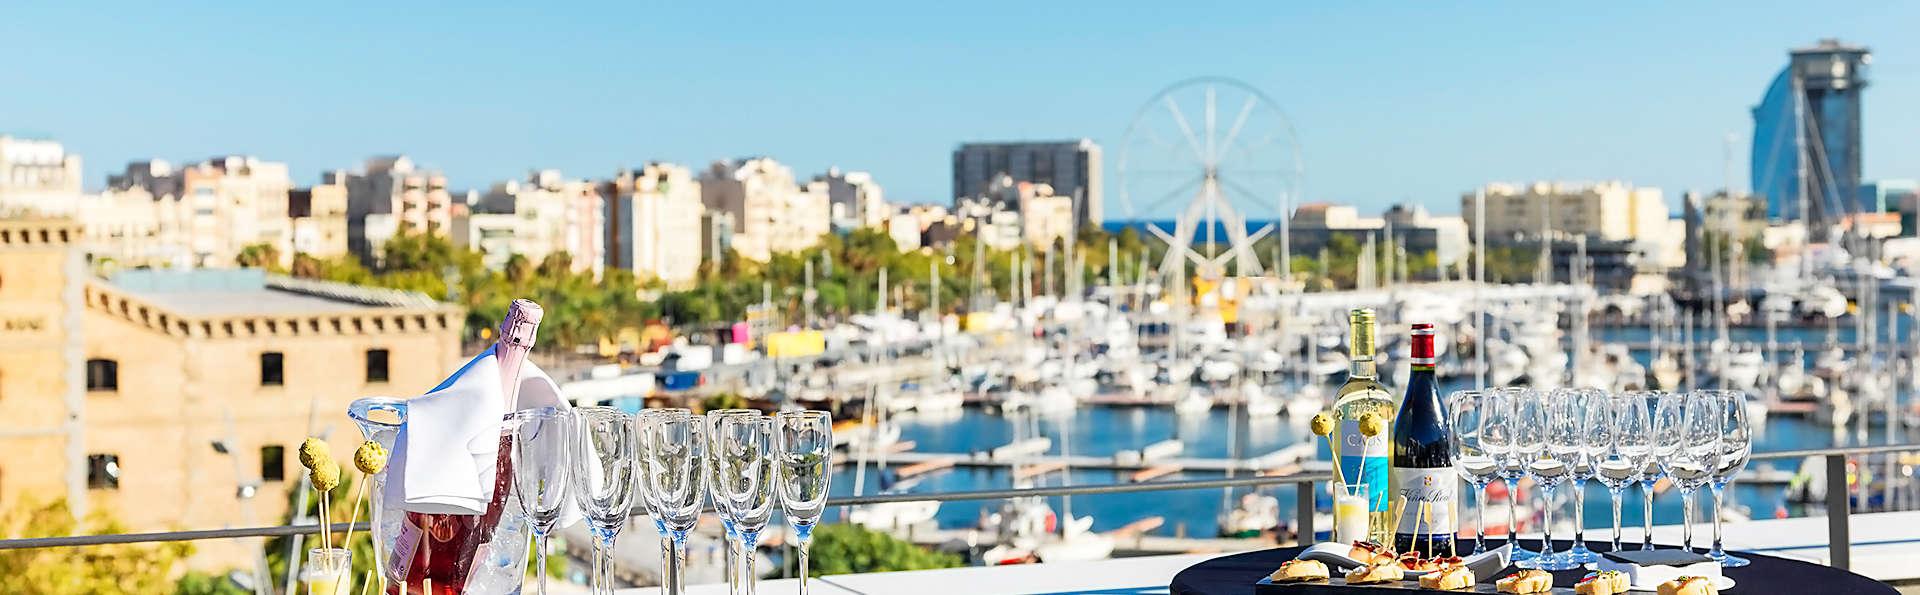 Panorama imprenable sur l'une des plus belles terrasses de Barcelone avec cocktail